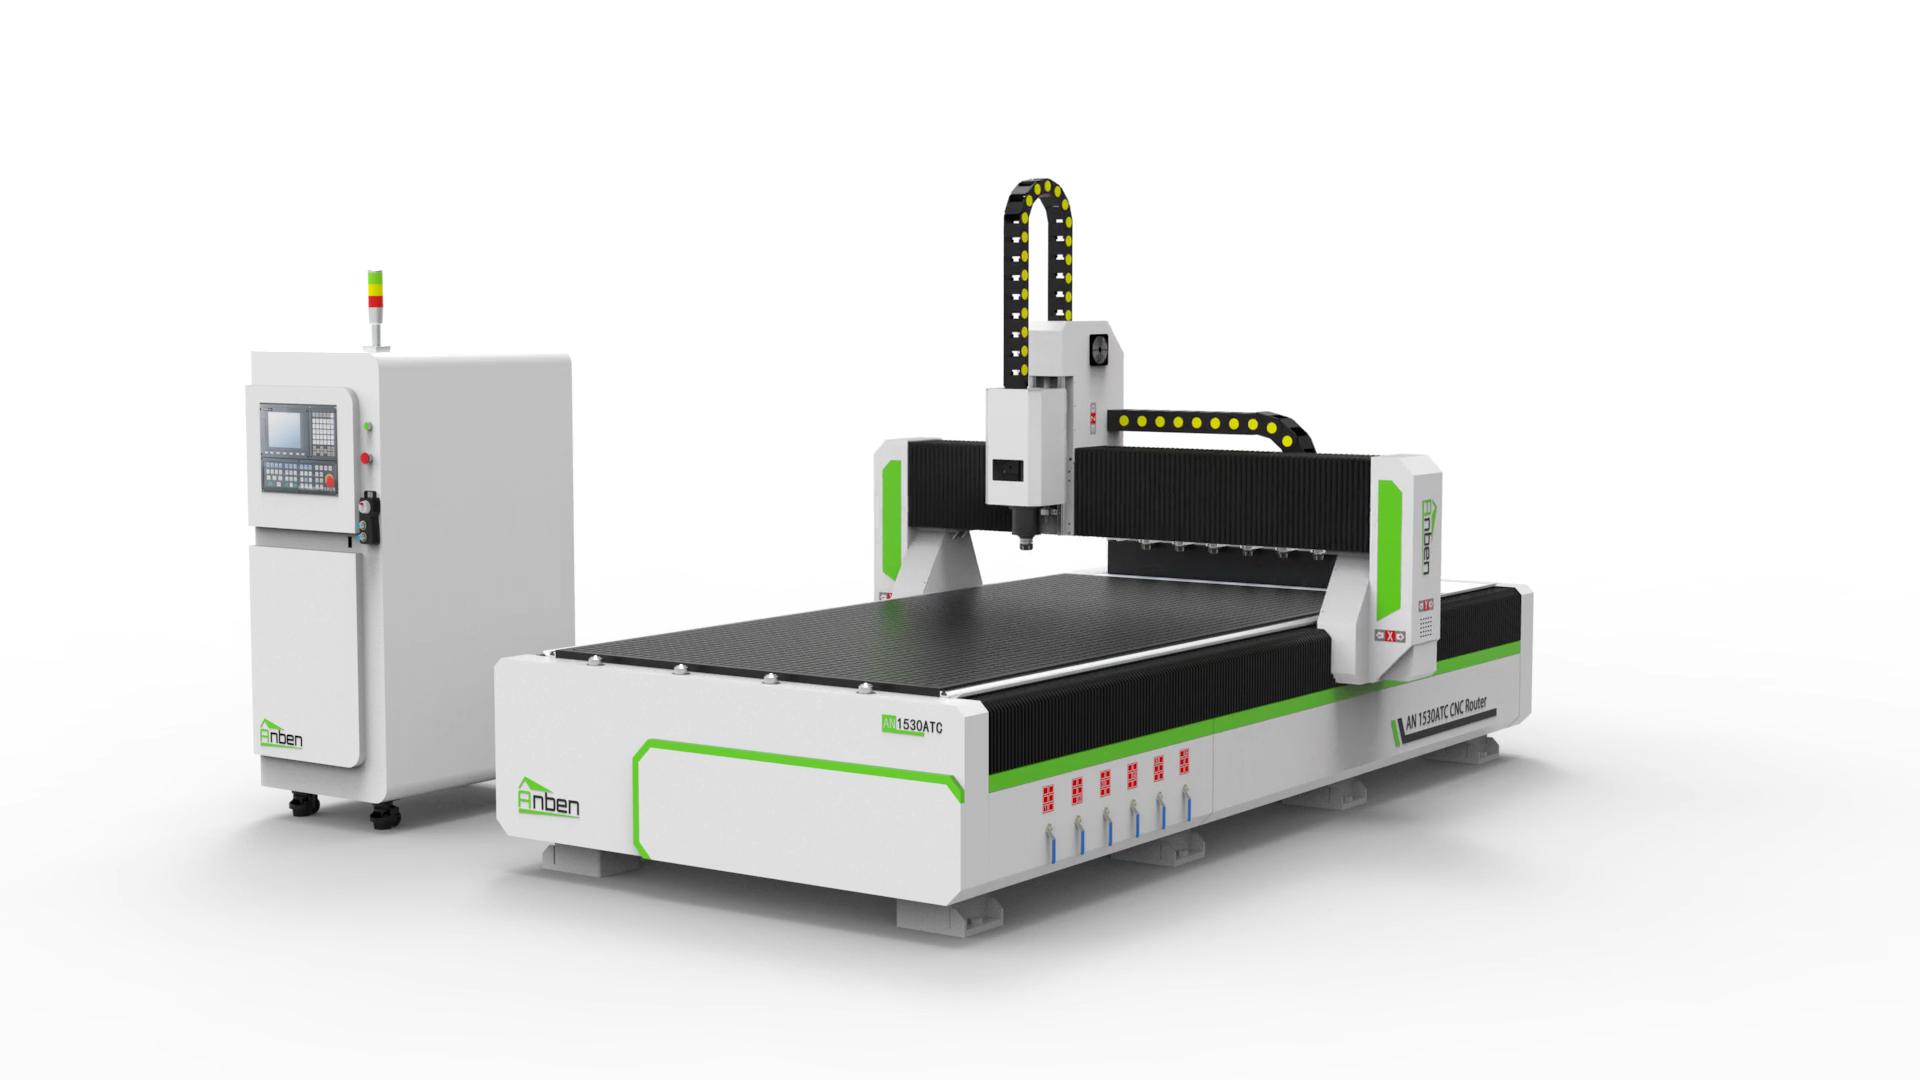 8 herramientas de carpintero 1530 ATC carpintería CNC Router maquinaria para la venta